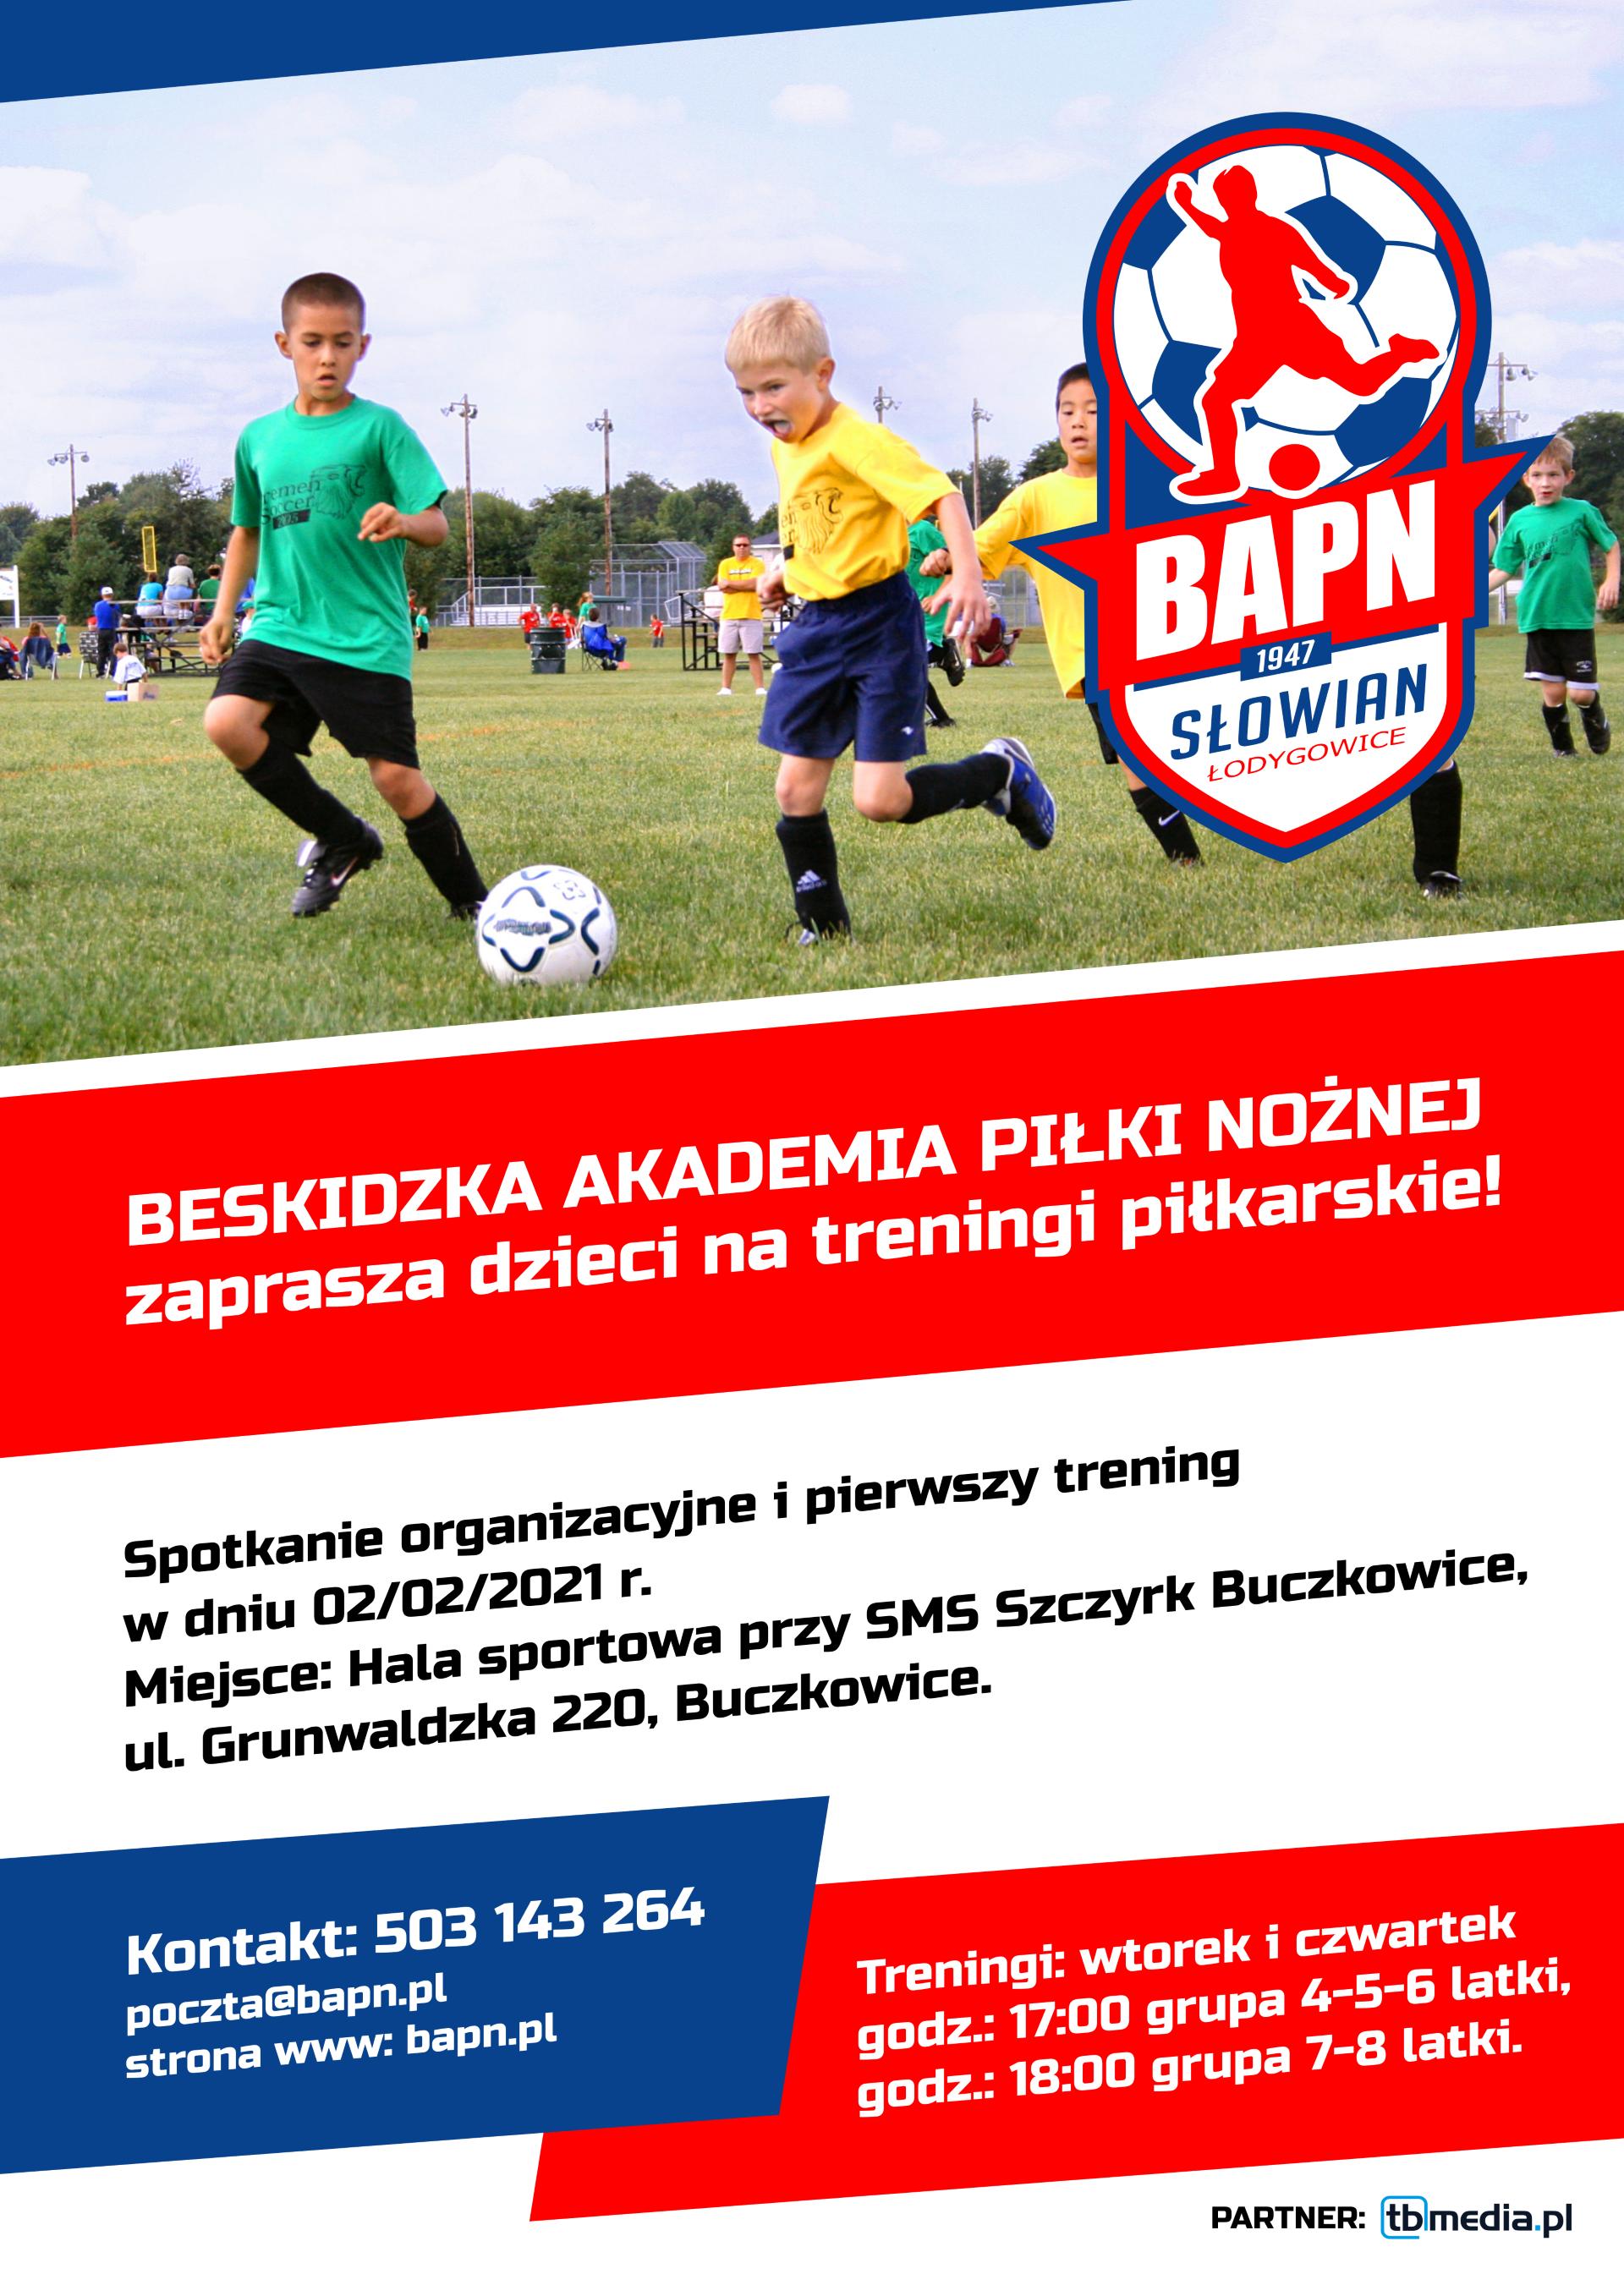 BAPN Łodygowice